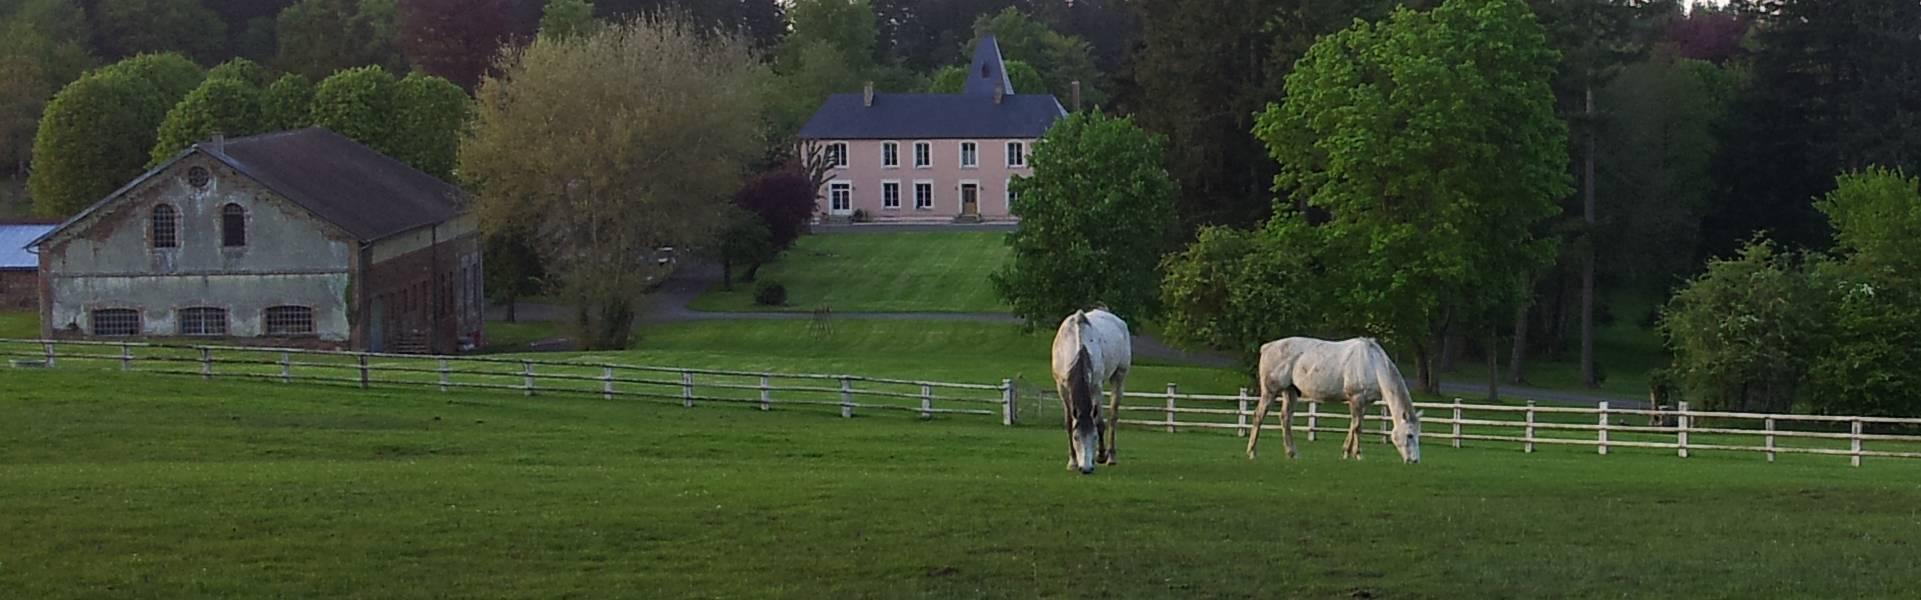 vdg_paarden1